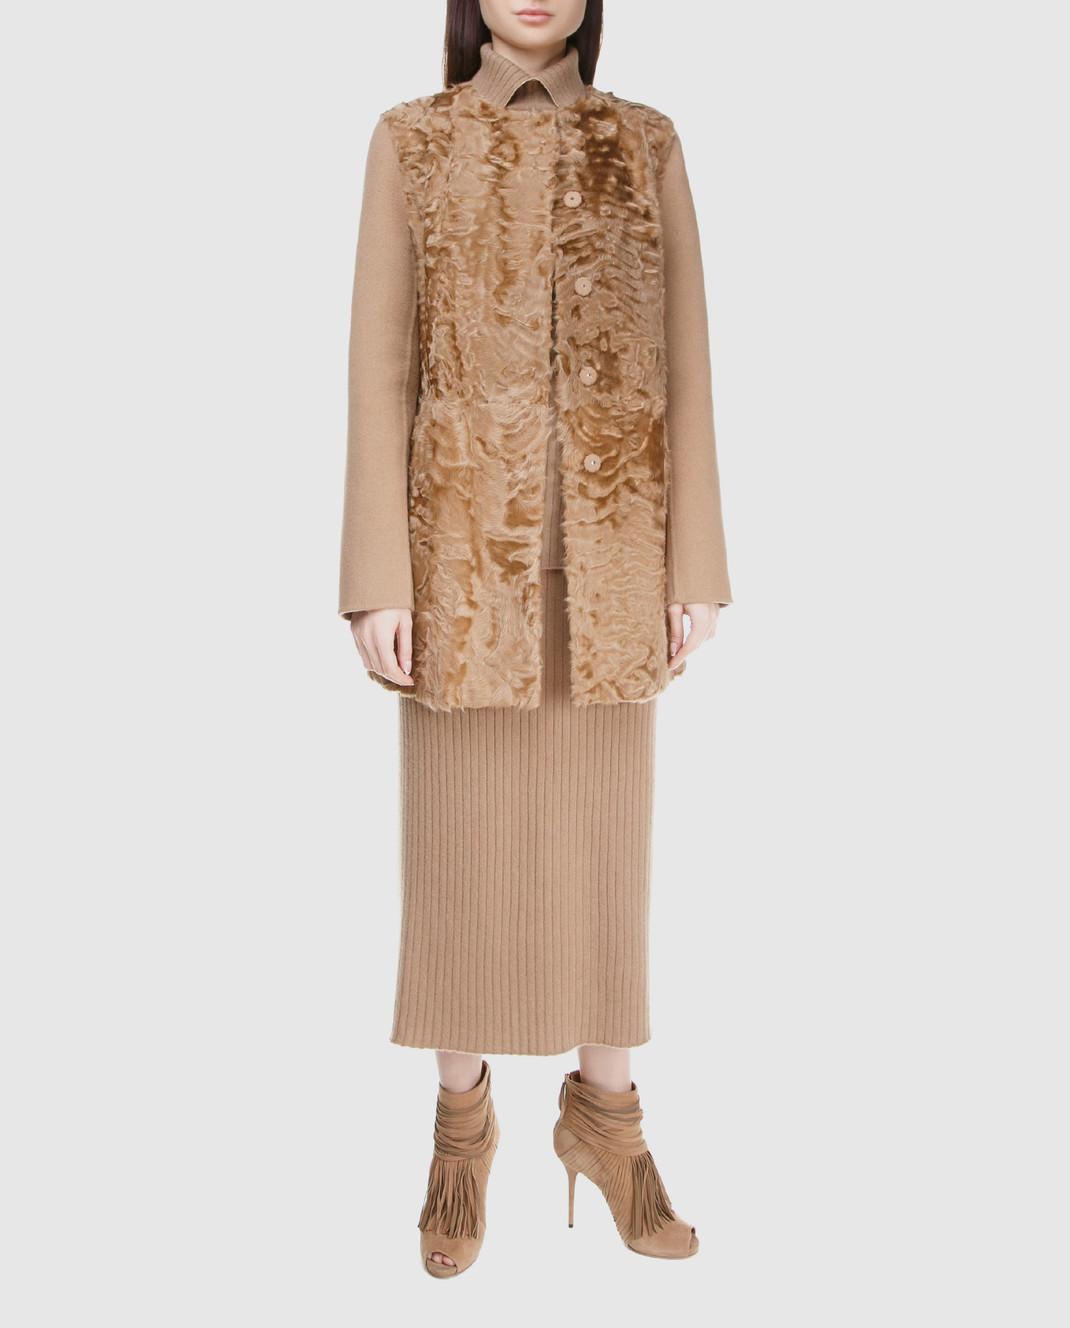 Yves Salomon Бежевое пальто из шерсти с деталями из меха ягненка 8WYM70580JNCA изображение 2